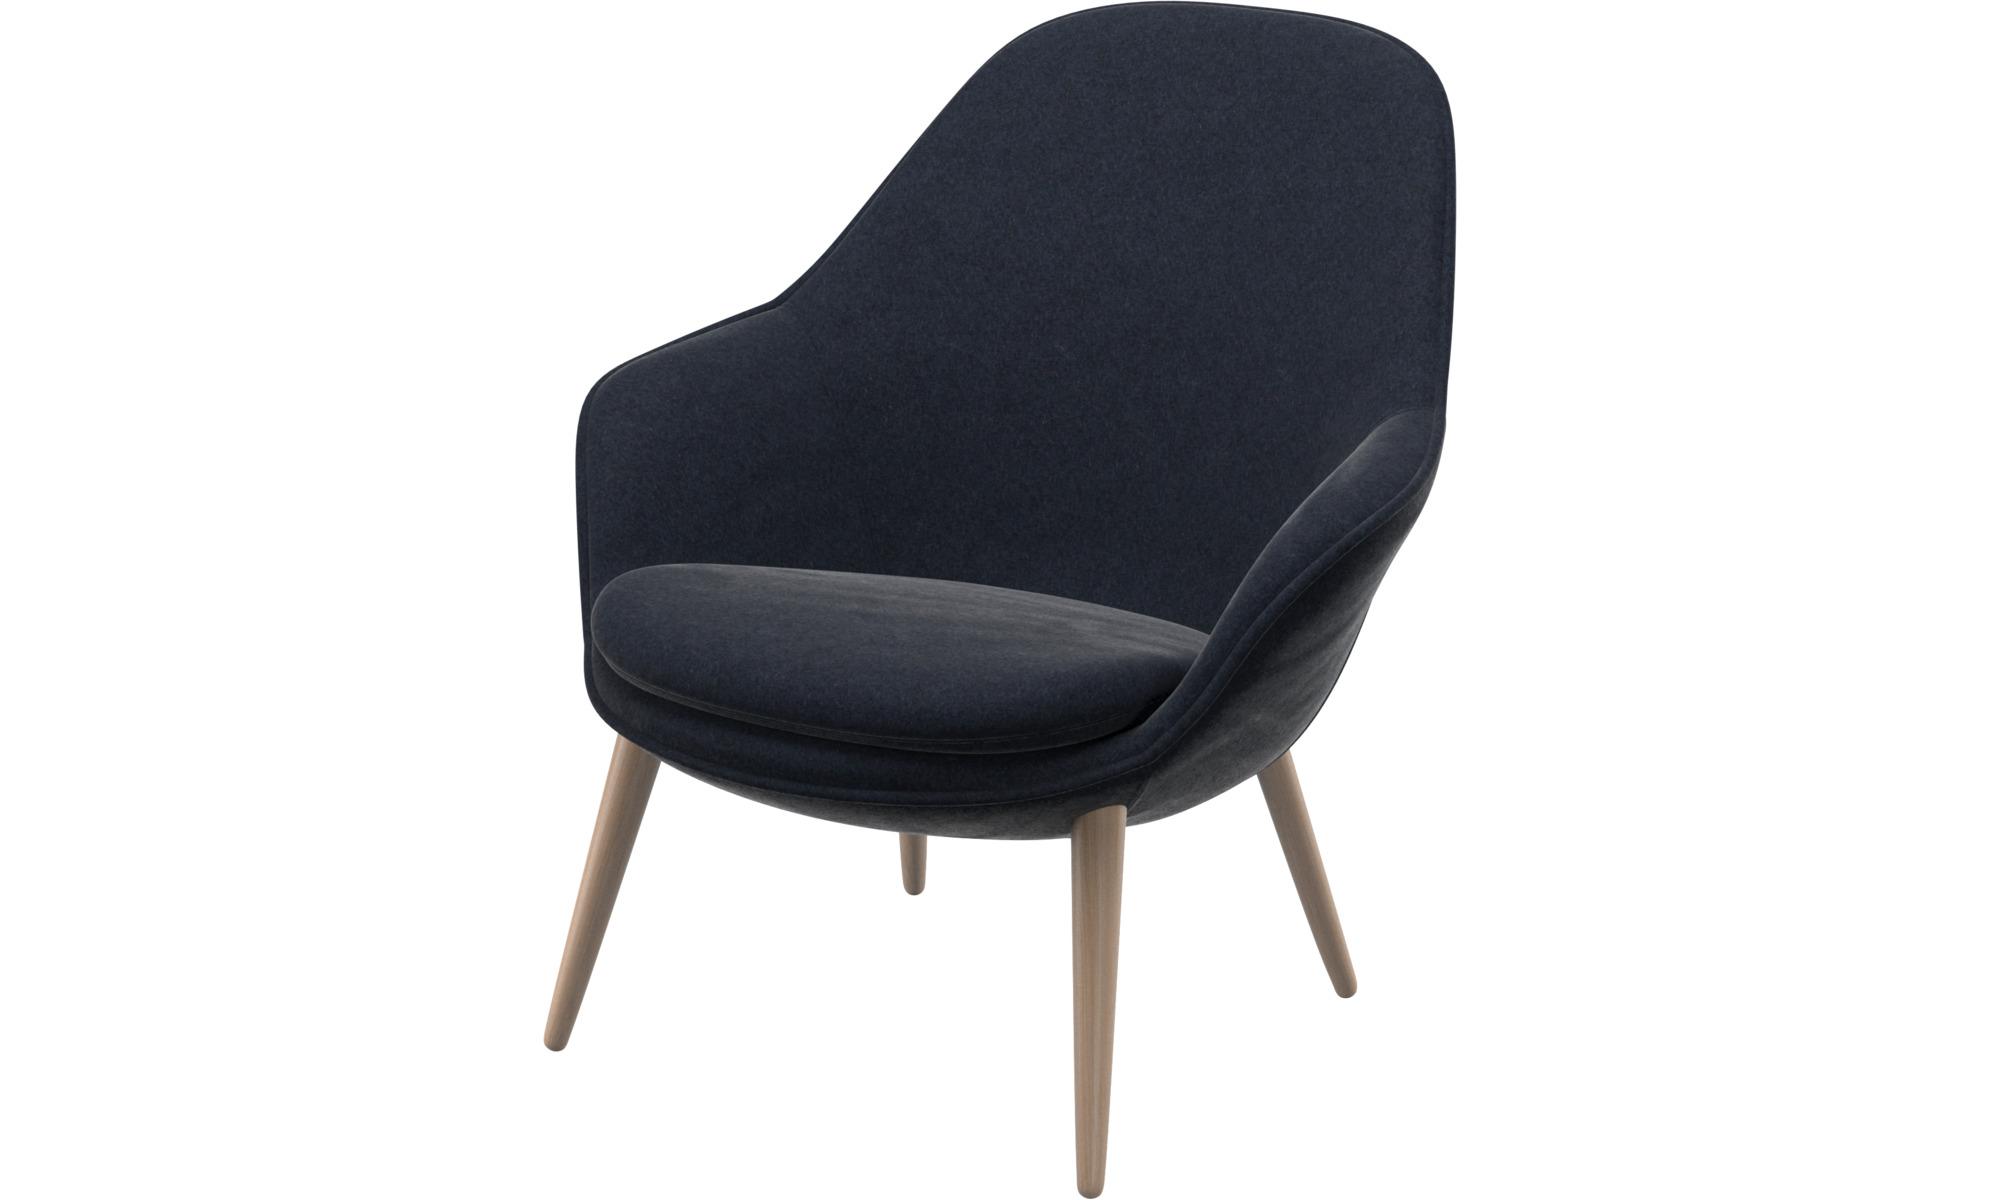 fauteuils fauteuil adelaide boconcept. Black Bedroom Furniture Sets. Home Design Ideas